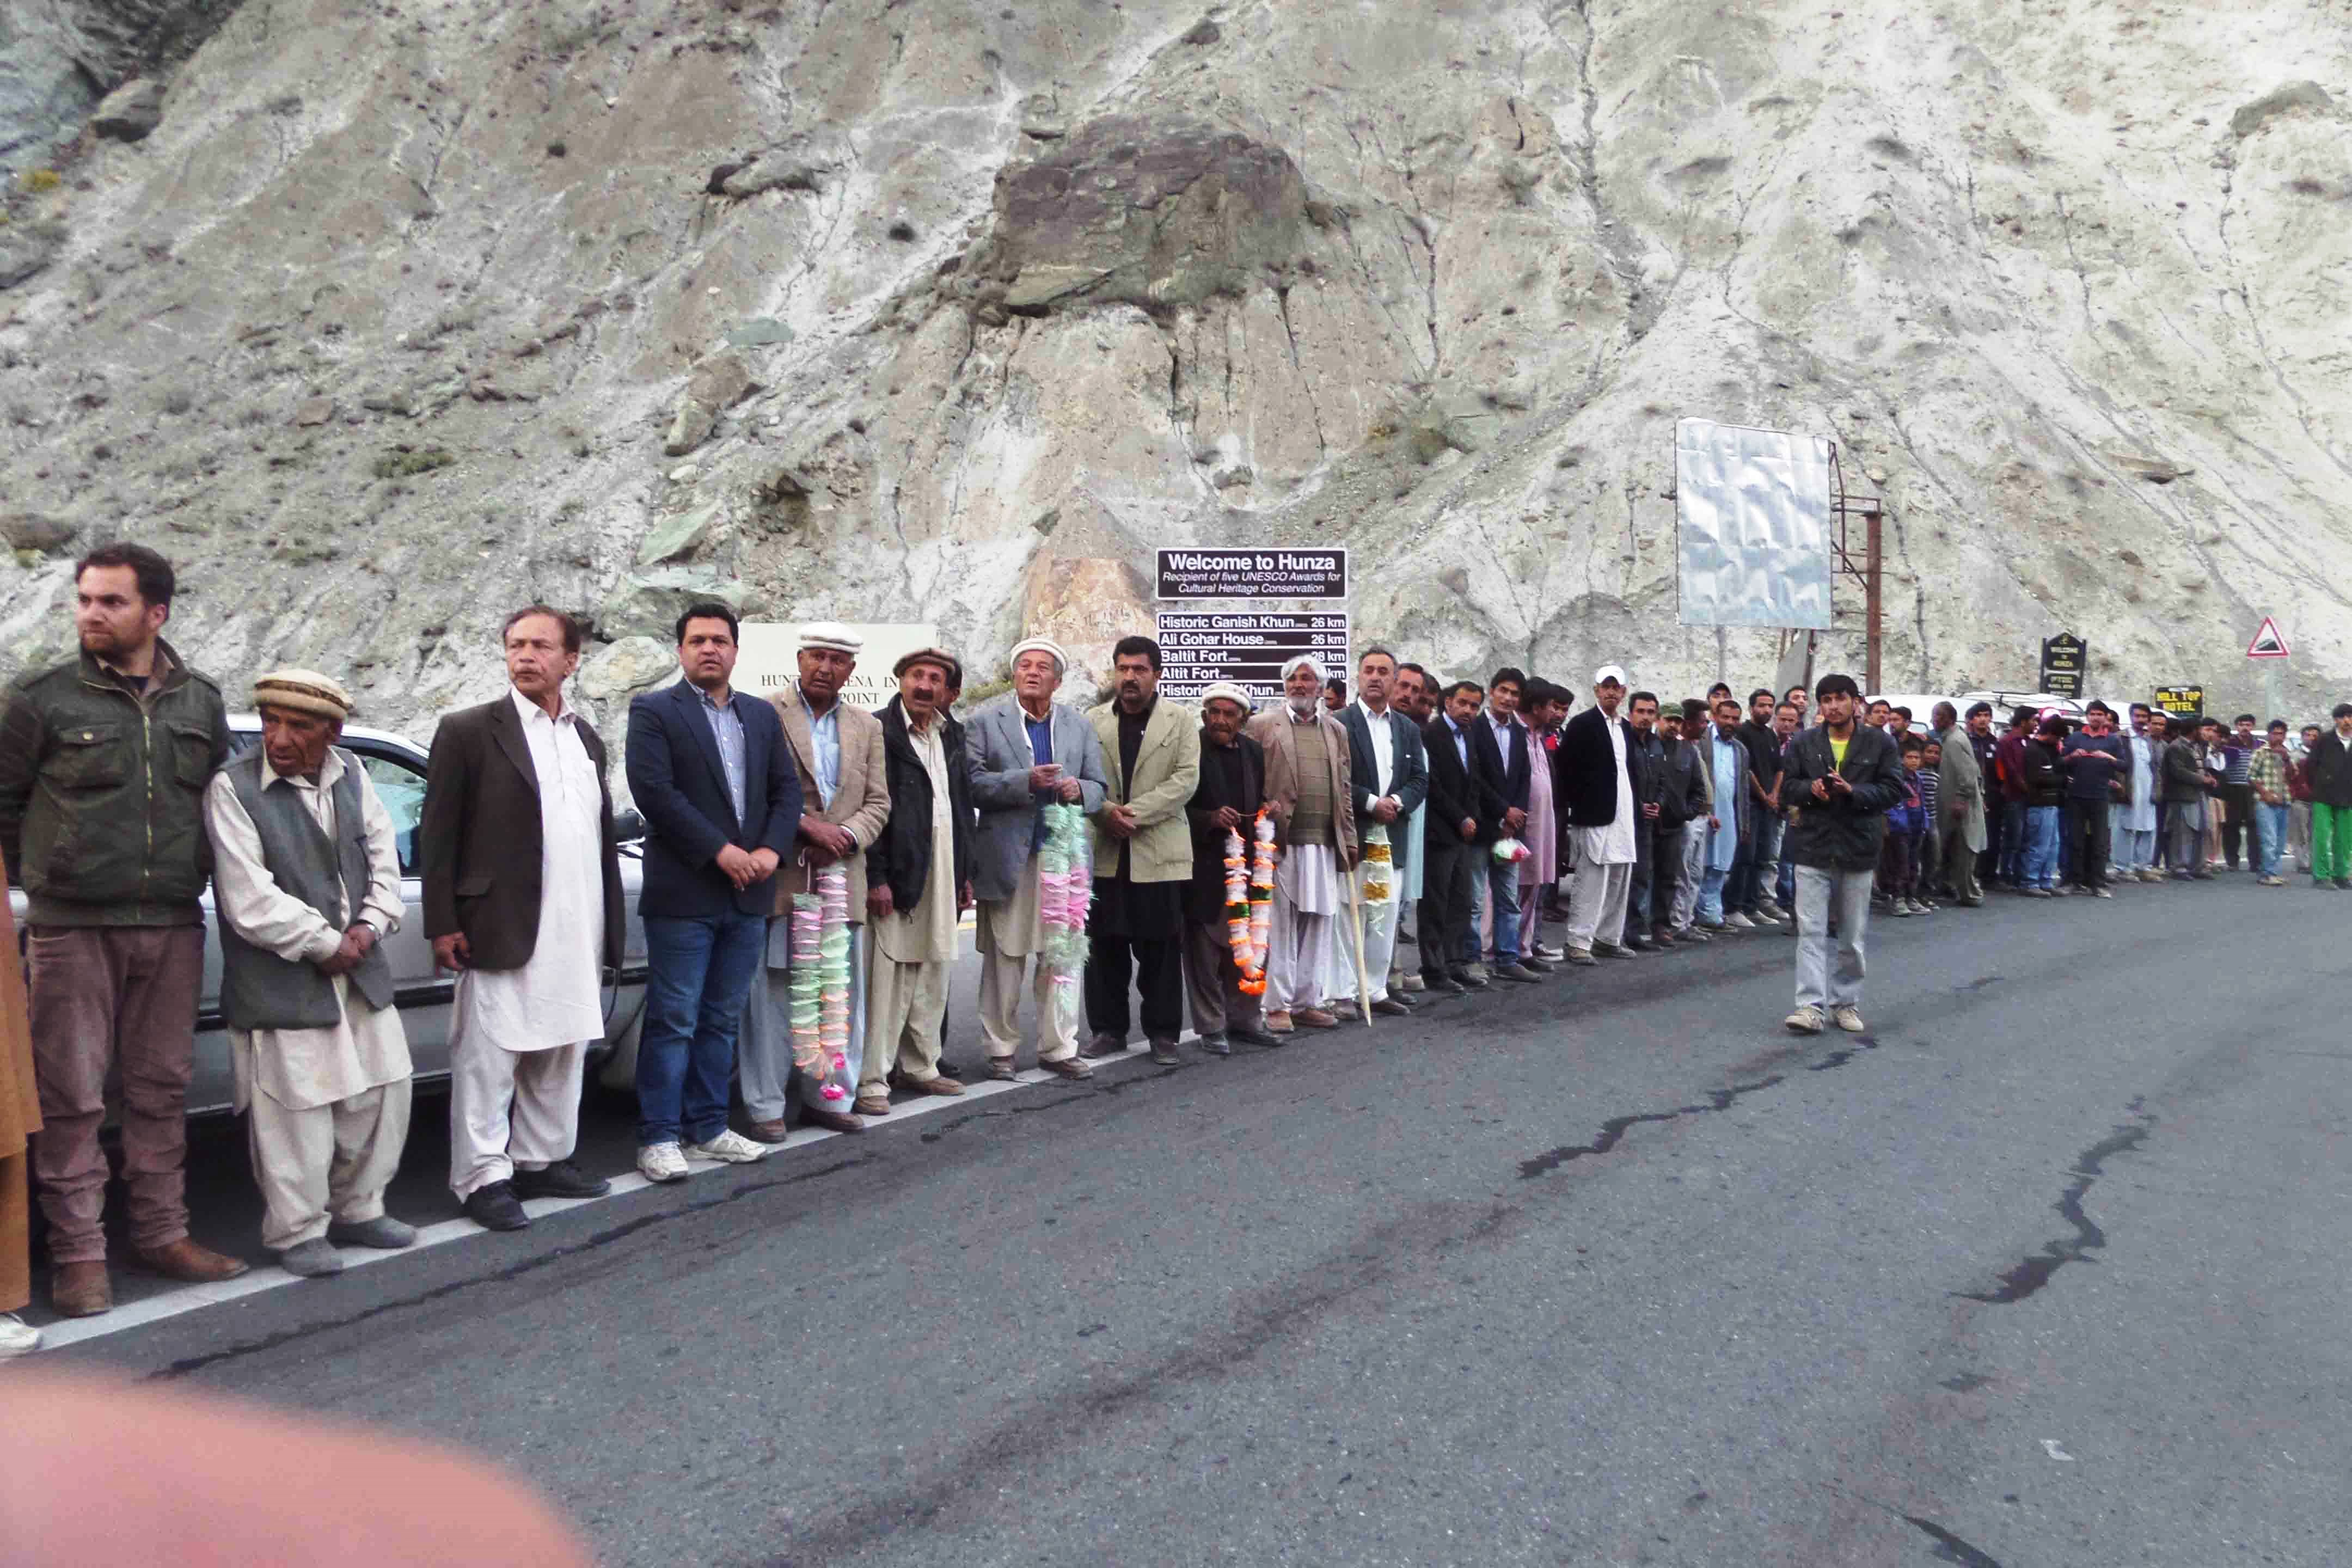 رہائی پانے والے اسیران سانحہ علی آباد کا ہنزہ میں شاندار استقبال